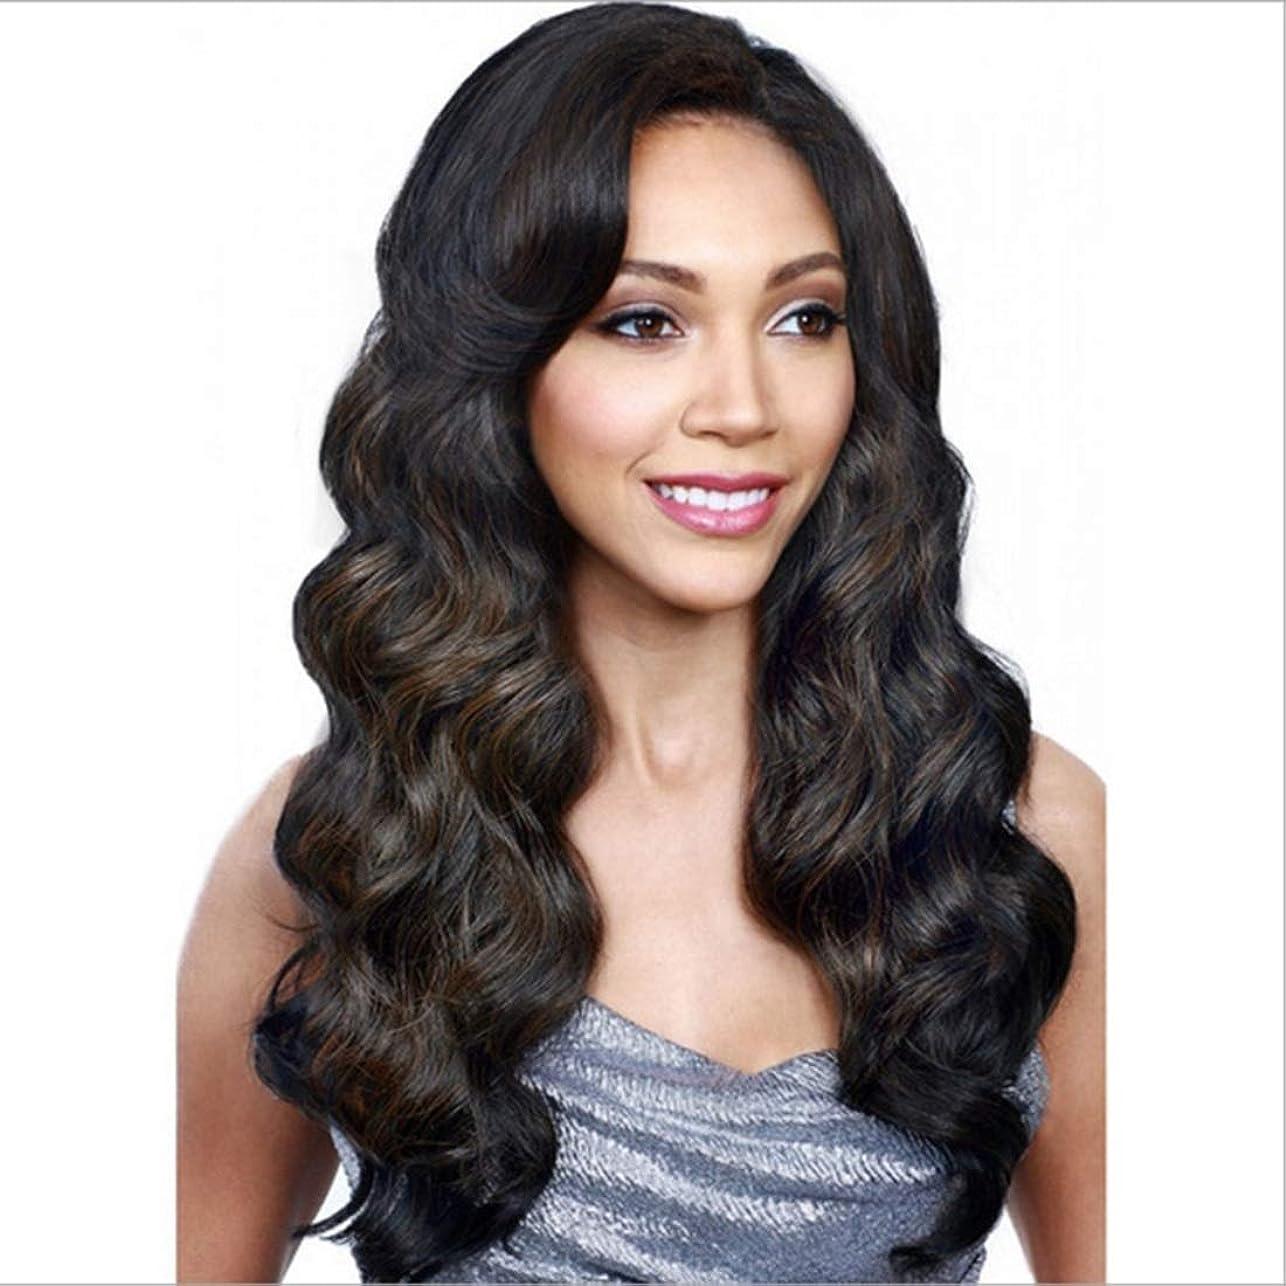 ベリ年次たとえSummerys 女性のための長い巻き毛の層状の耐熱性合成毛髪のかつらを分けてヘアセンターで合成女性のかつら